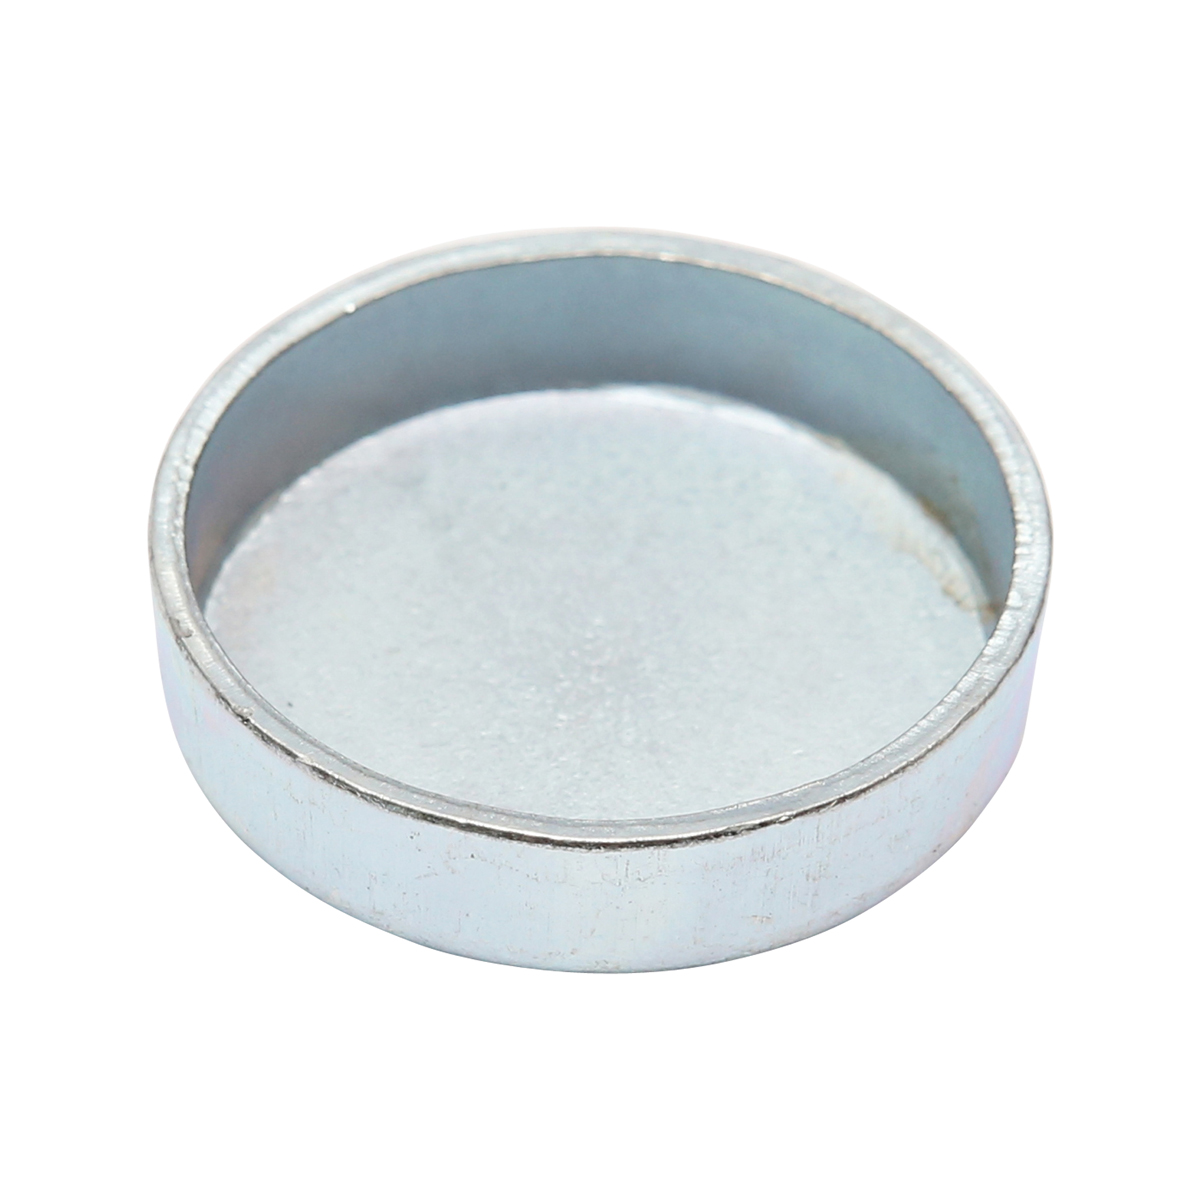 Dop gheata fi 36 (capac etansare)